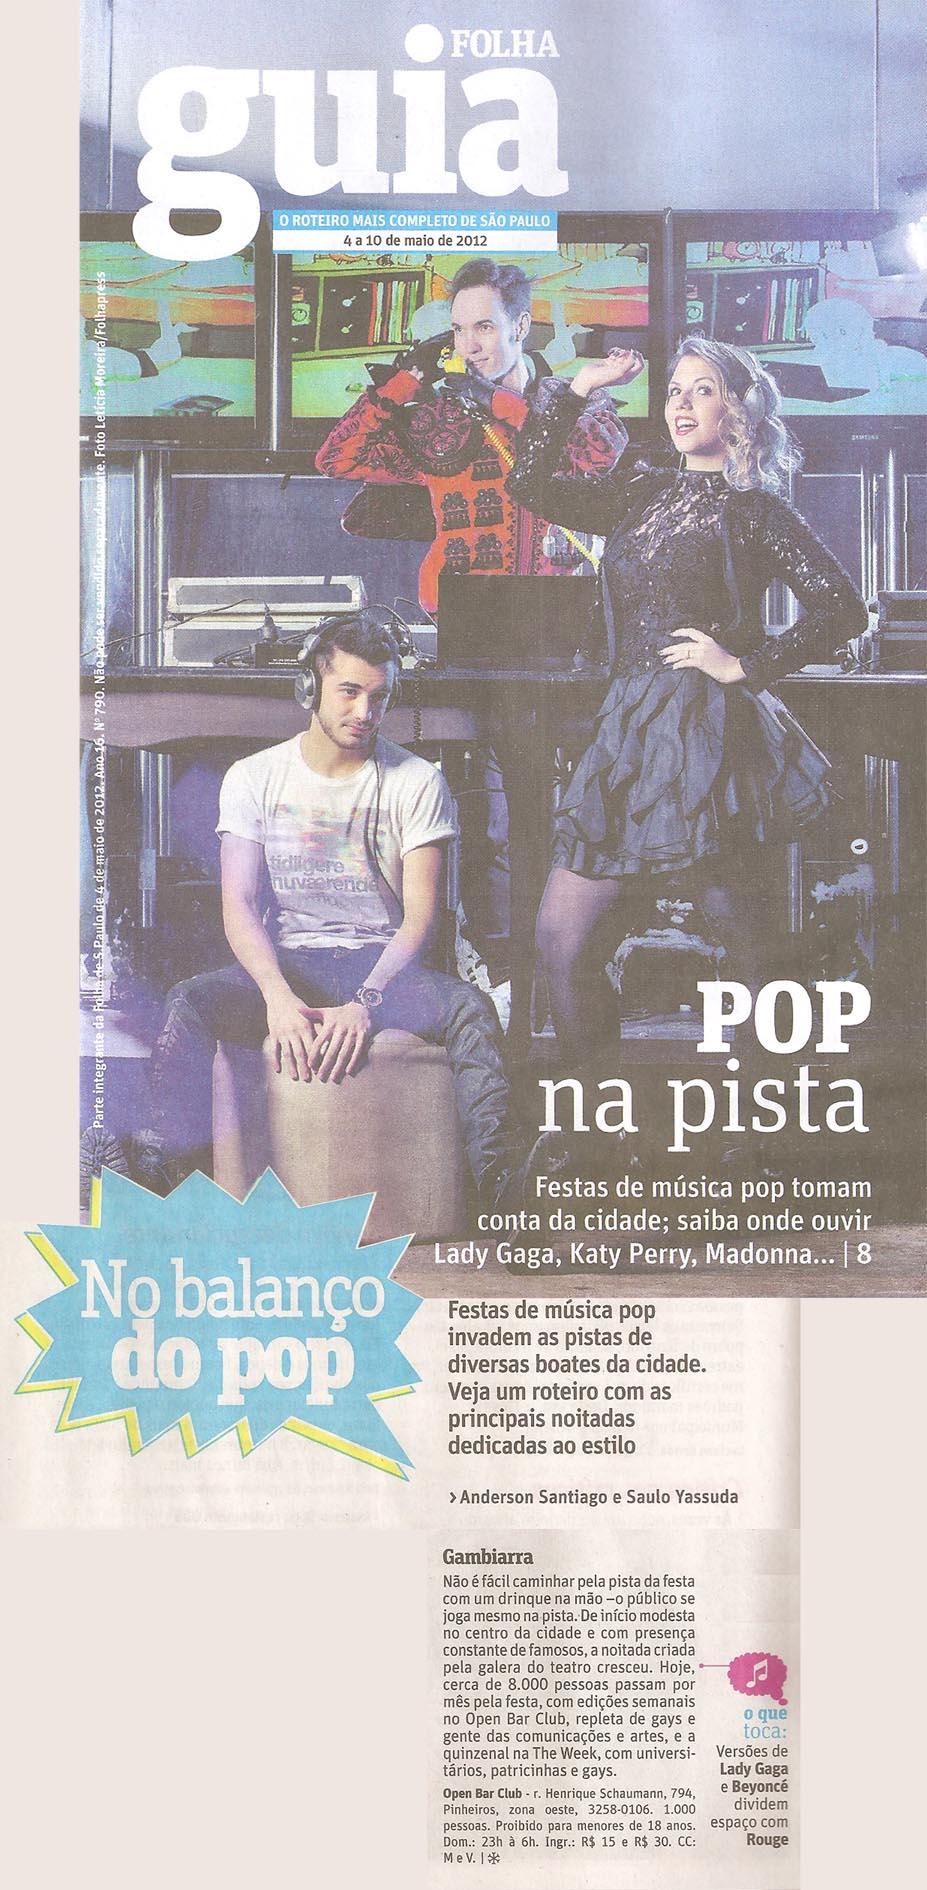 Pop_na_Pista_-_Guia_da_Folha_Baixa